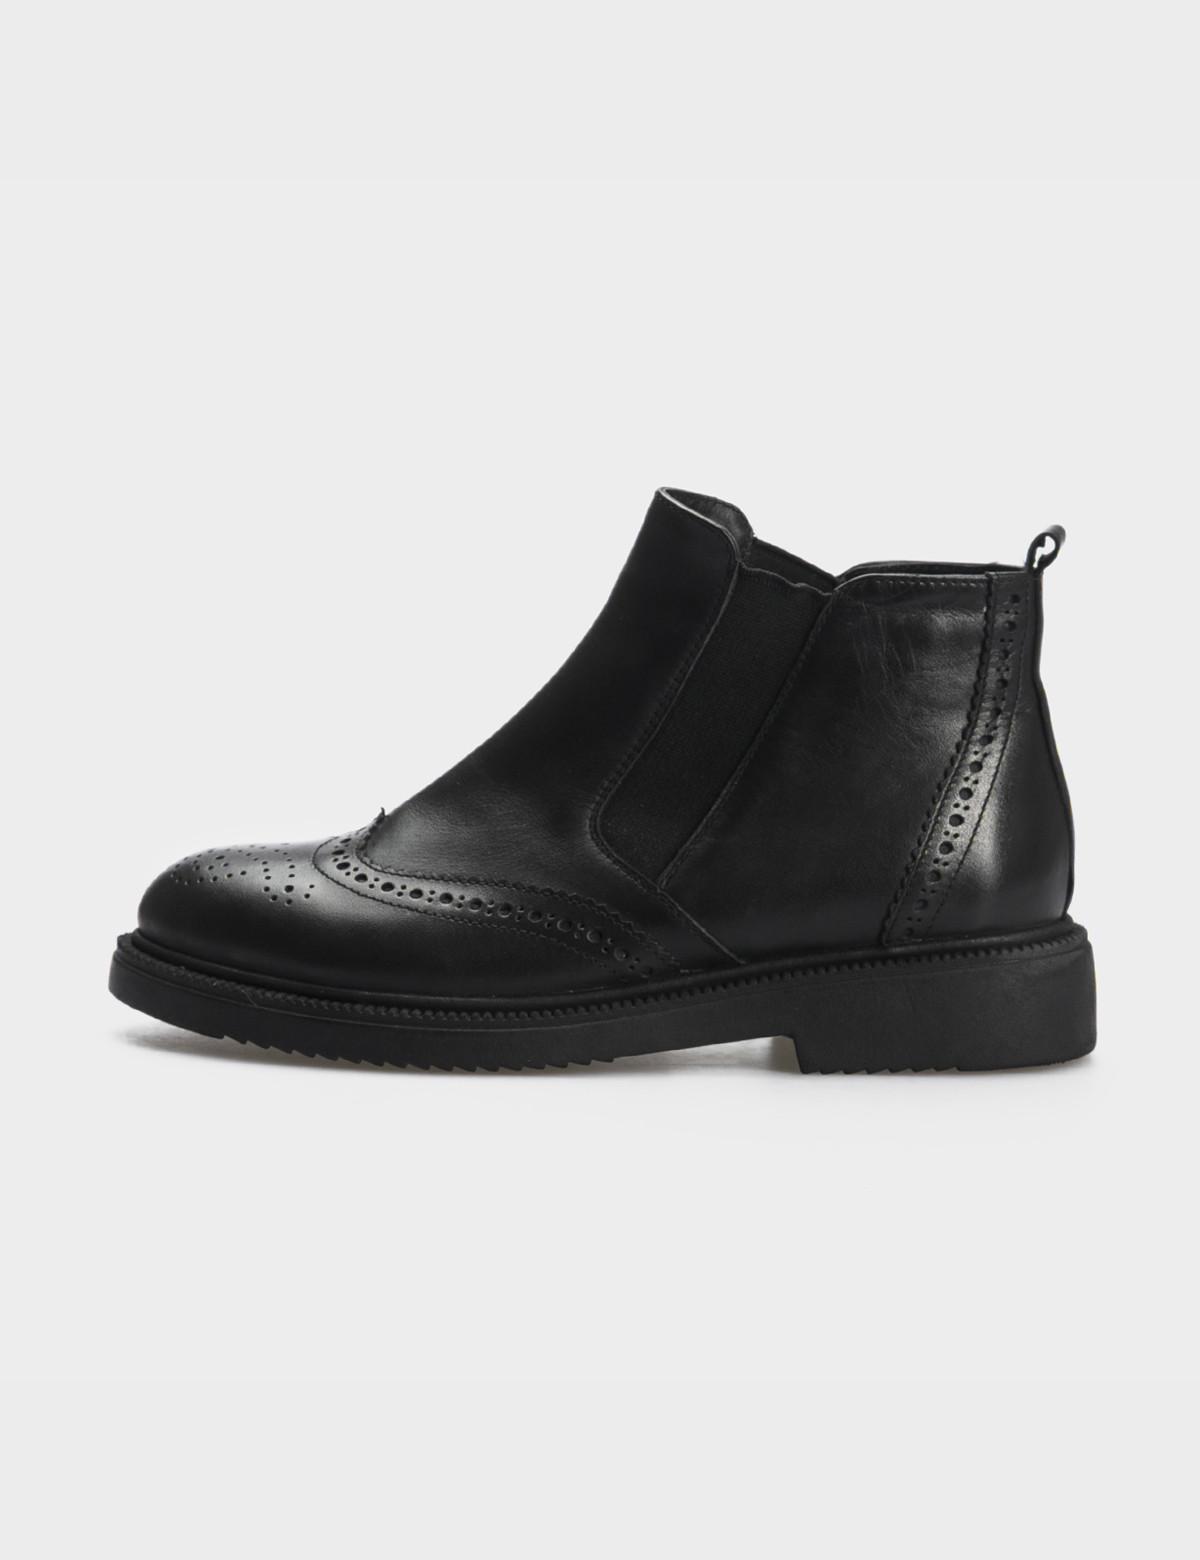 Ботинки черные, натуральная кожа. Байка 3